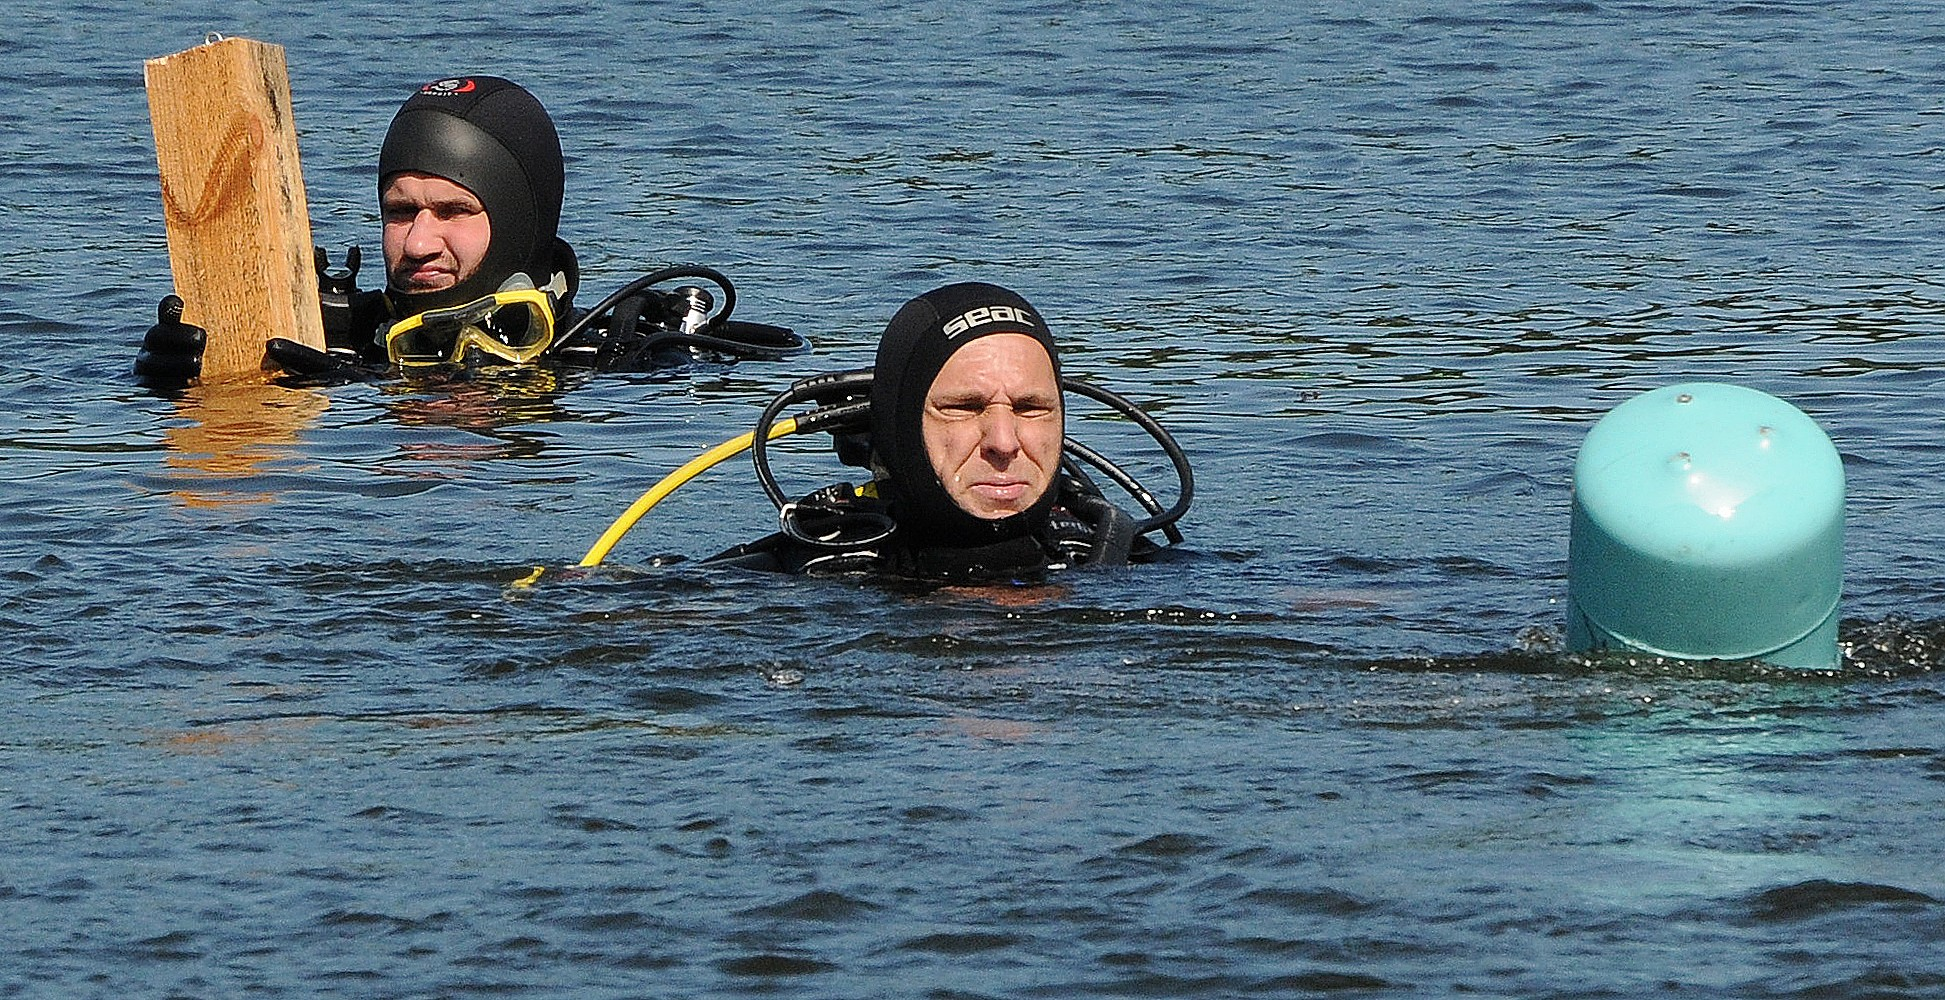 На соревнованиях спасателей и водолазов победу завоевала команда бригады Курземского региона